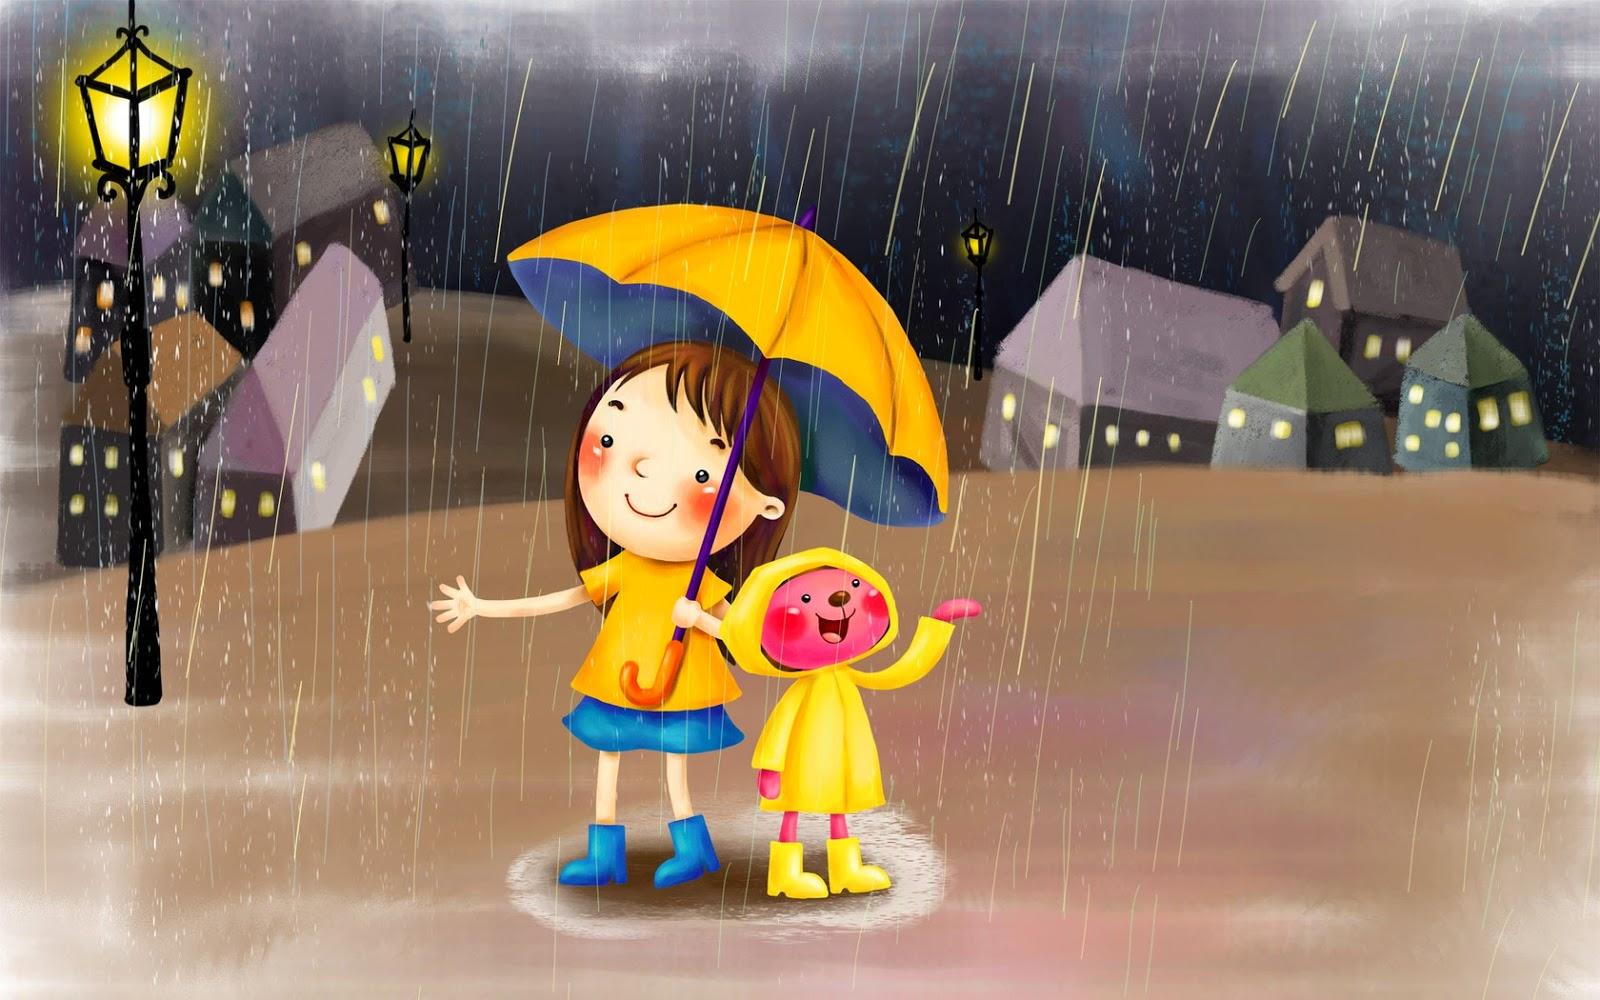 Animasi Kartun Hujan Gambar Kartun